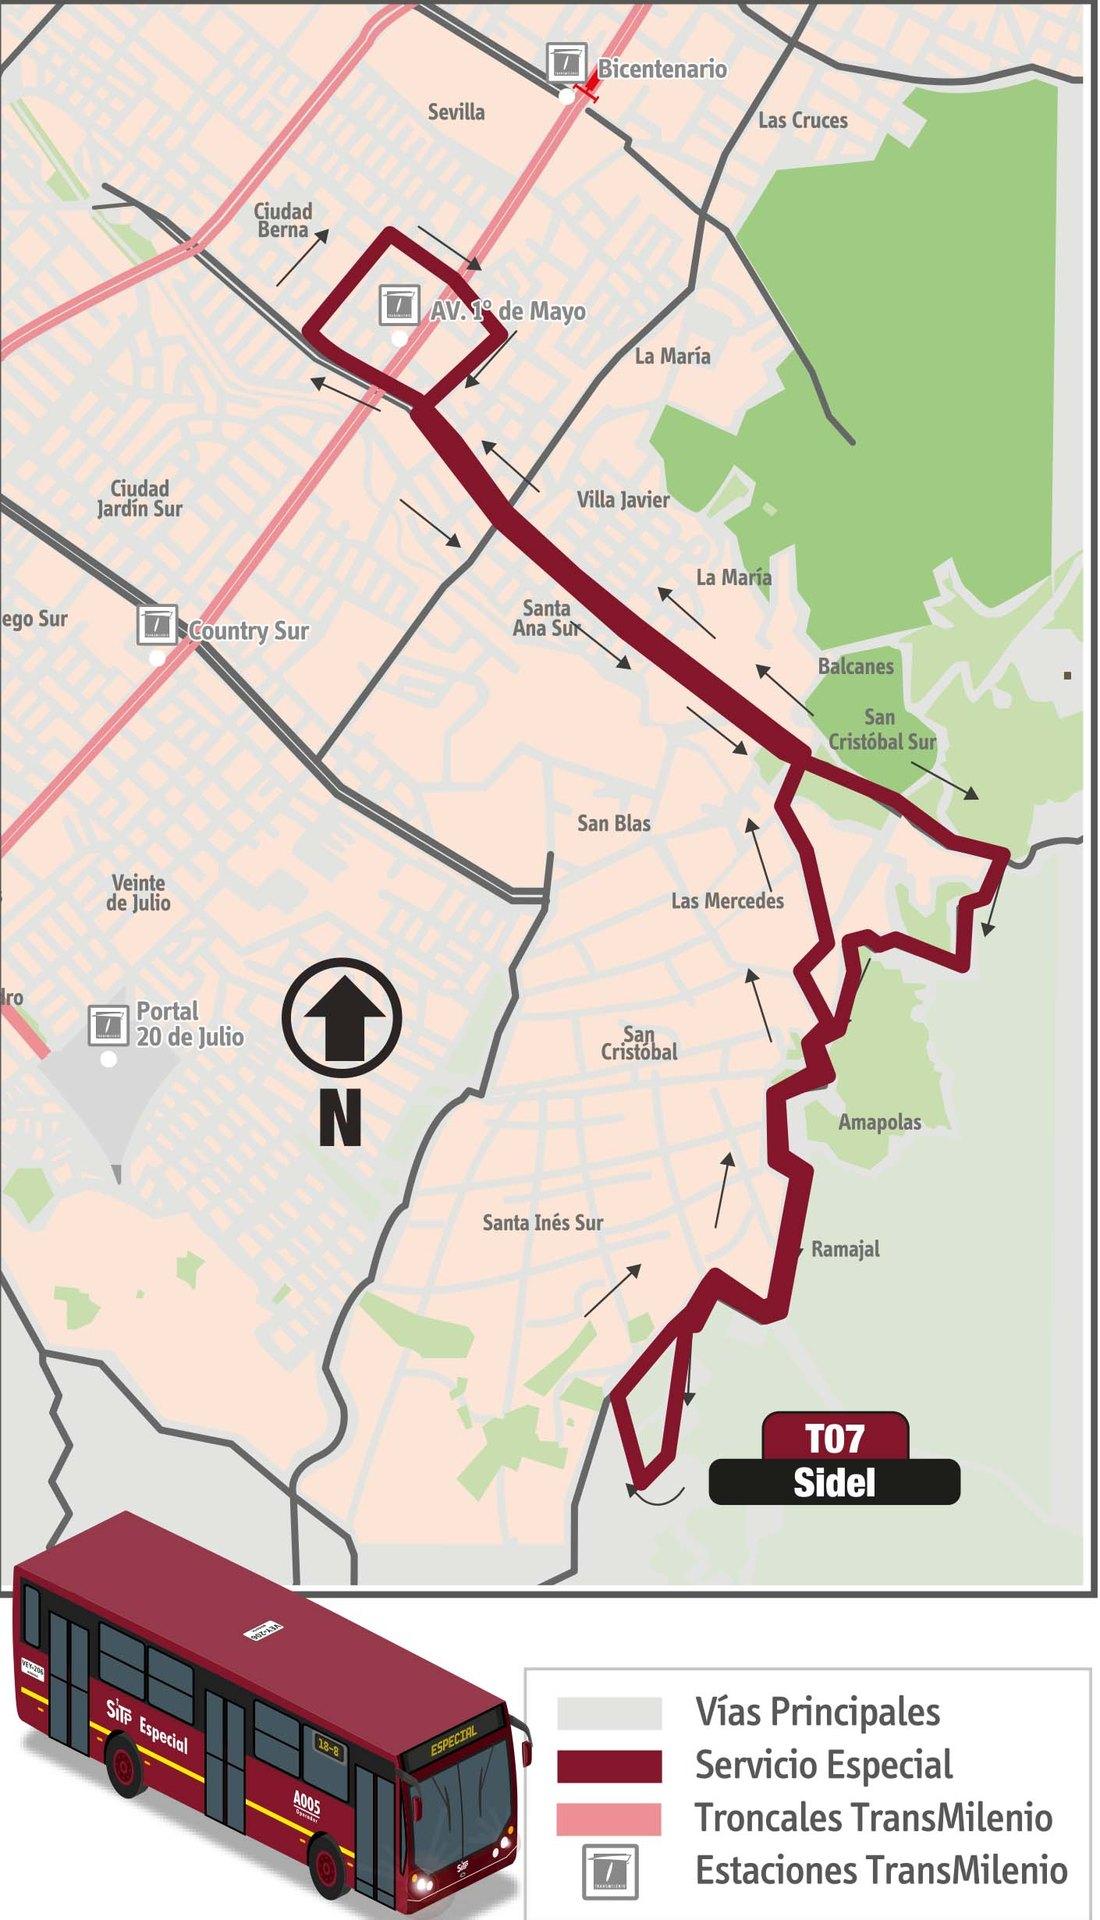 Ruta SITP: T07 Sidel [Especial]